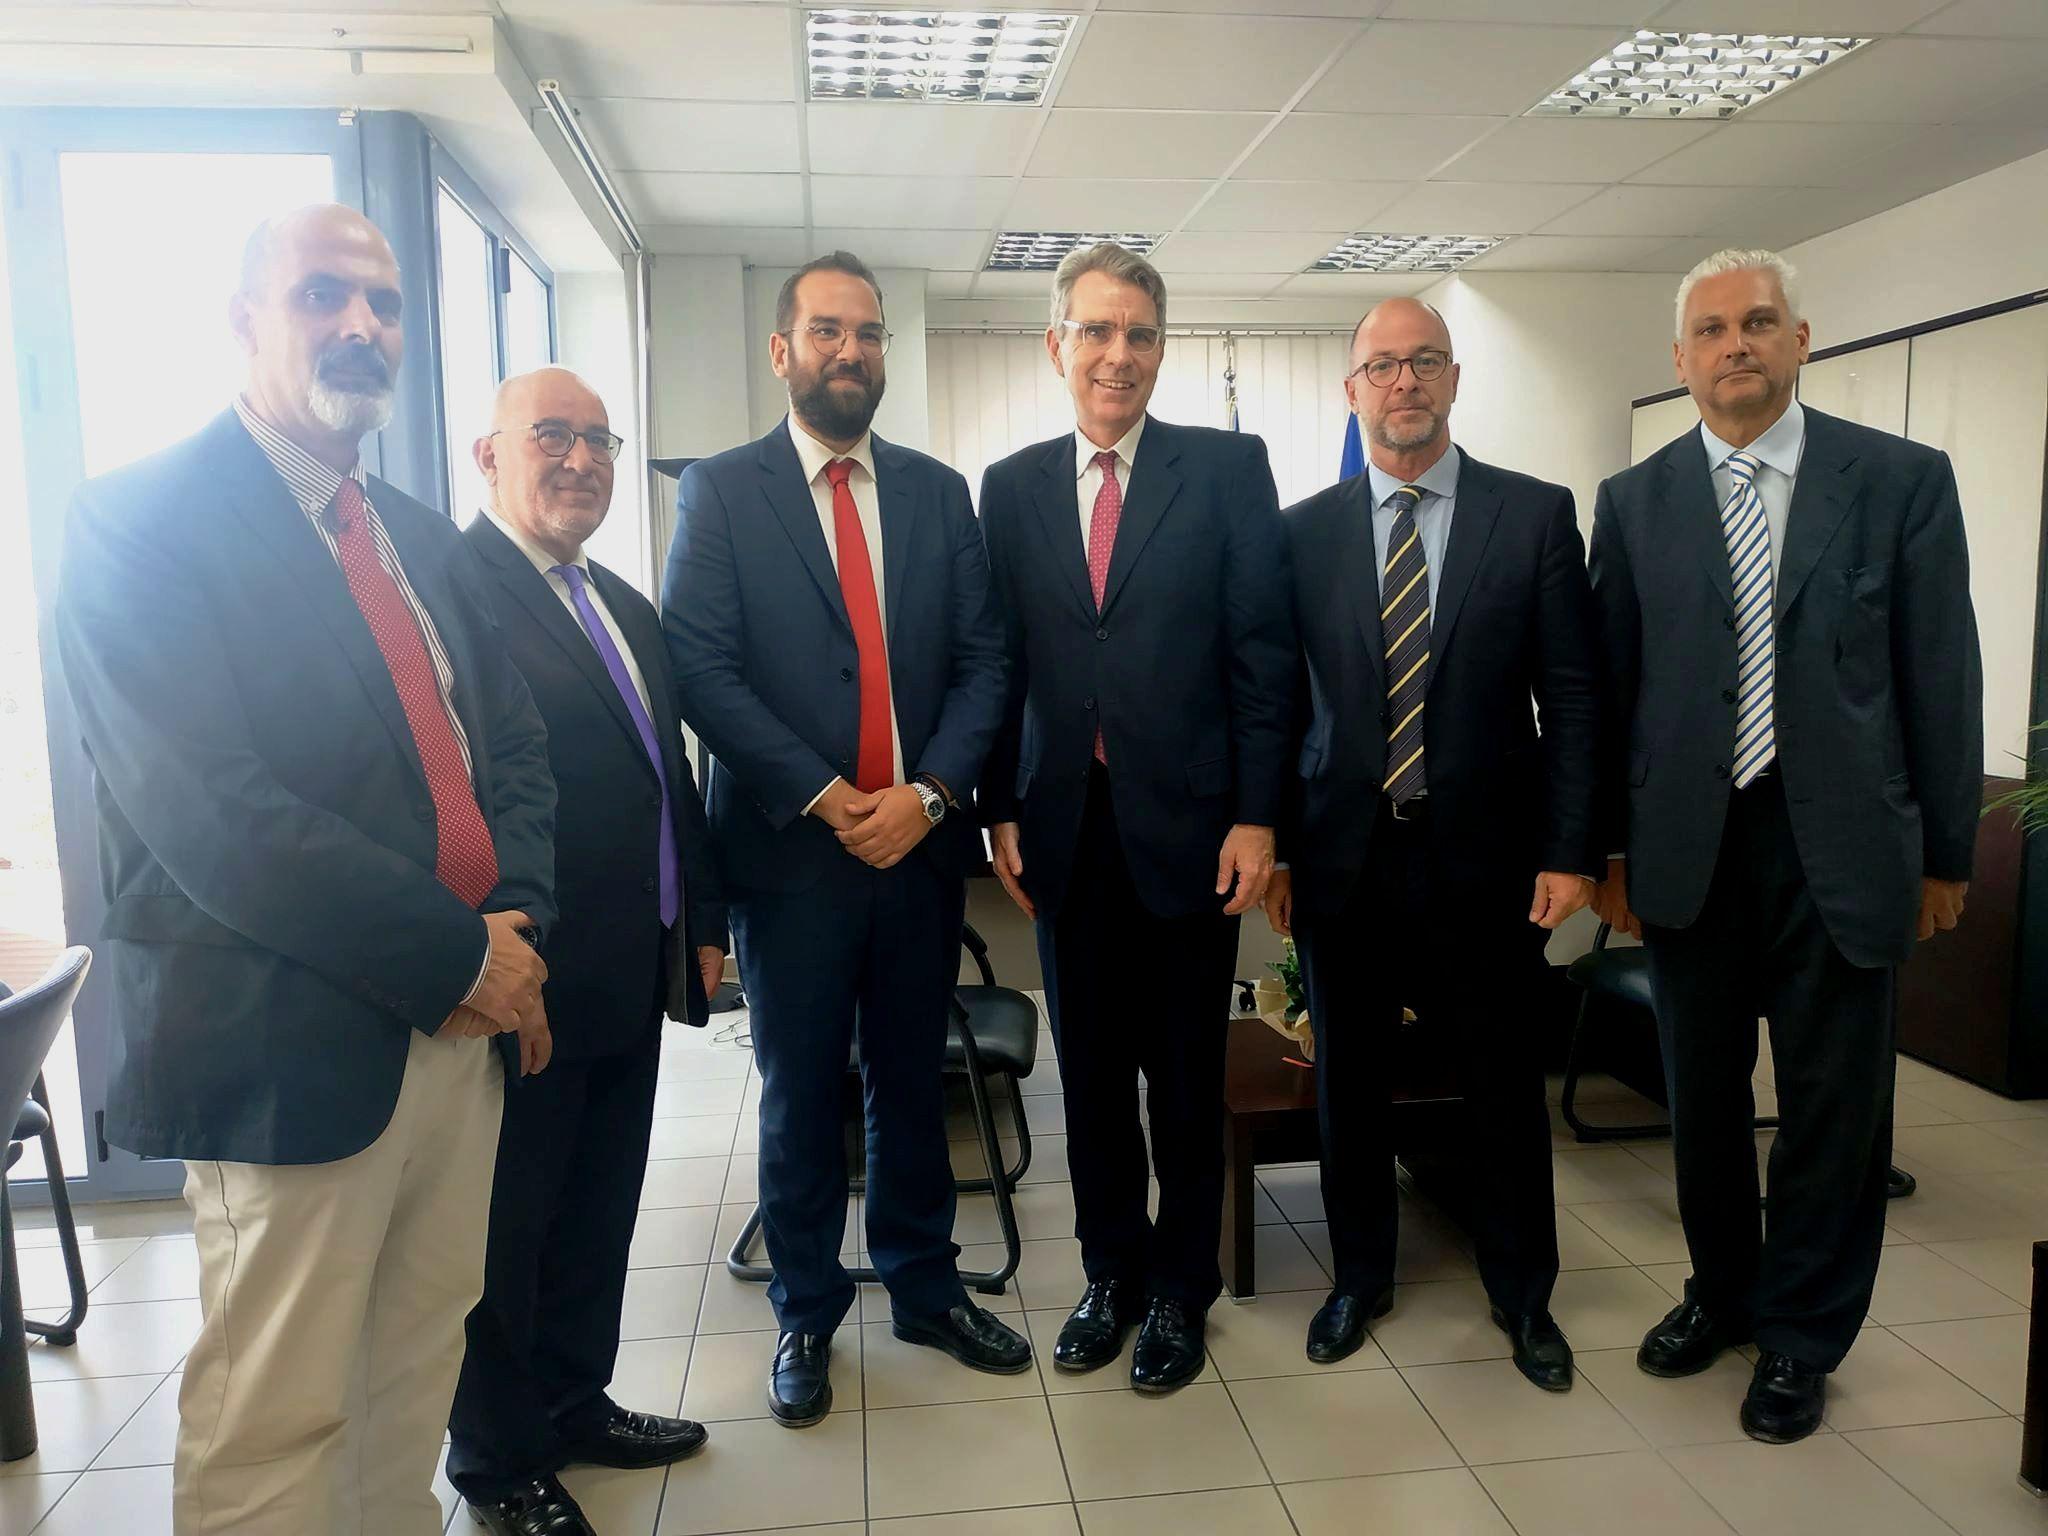 Περιφέρεια Δυτικής Ελλάδας: Συνάντηση Νεκτάριου Φαρμάκη με τον Αμερικανό Πρέσβη Τζέφρι Πάιατ